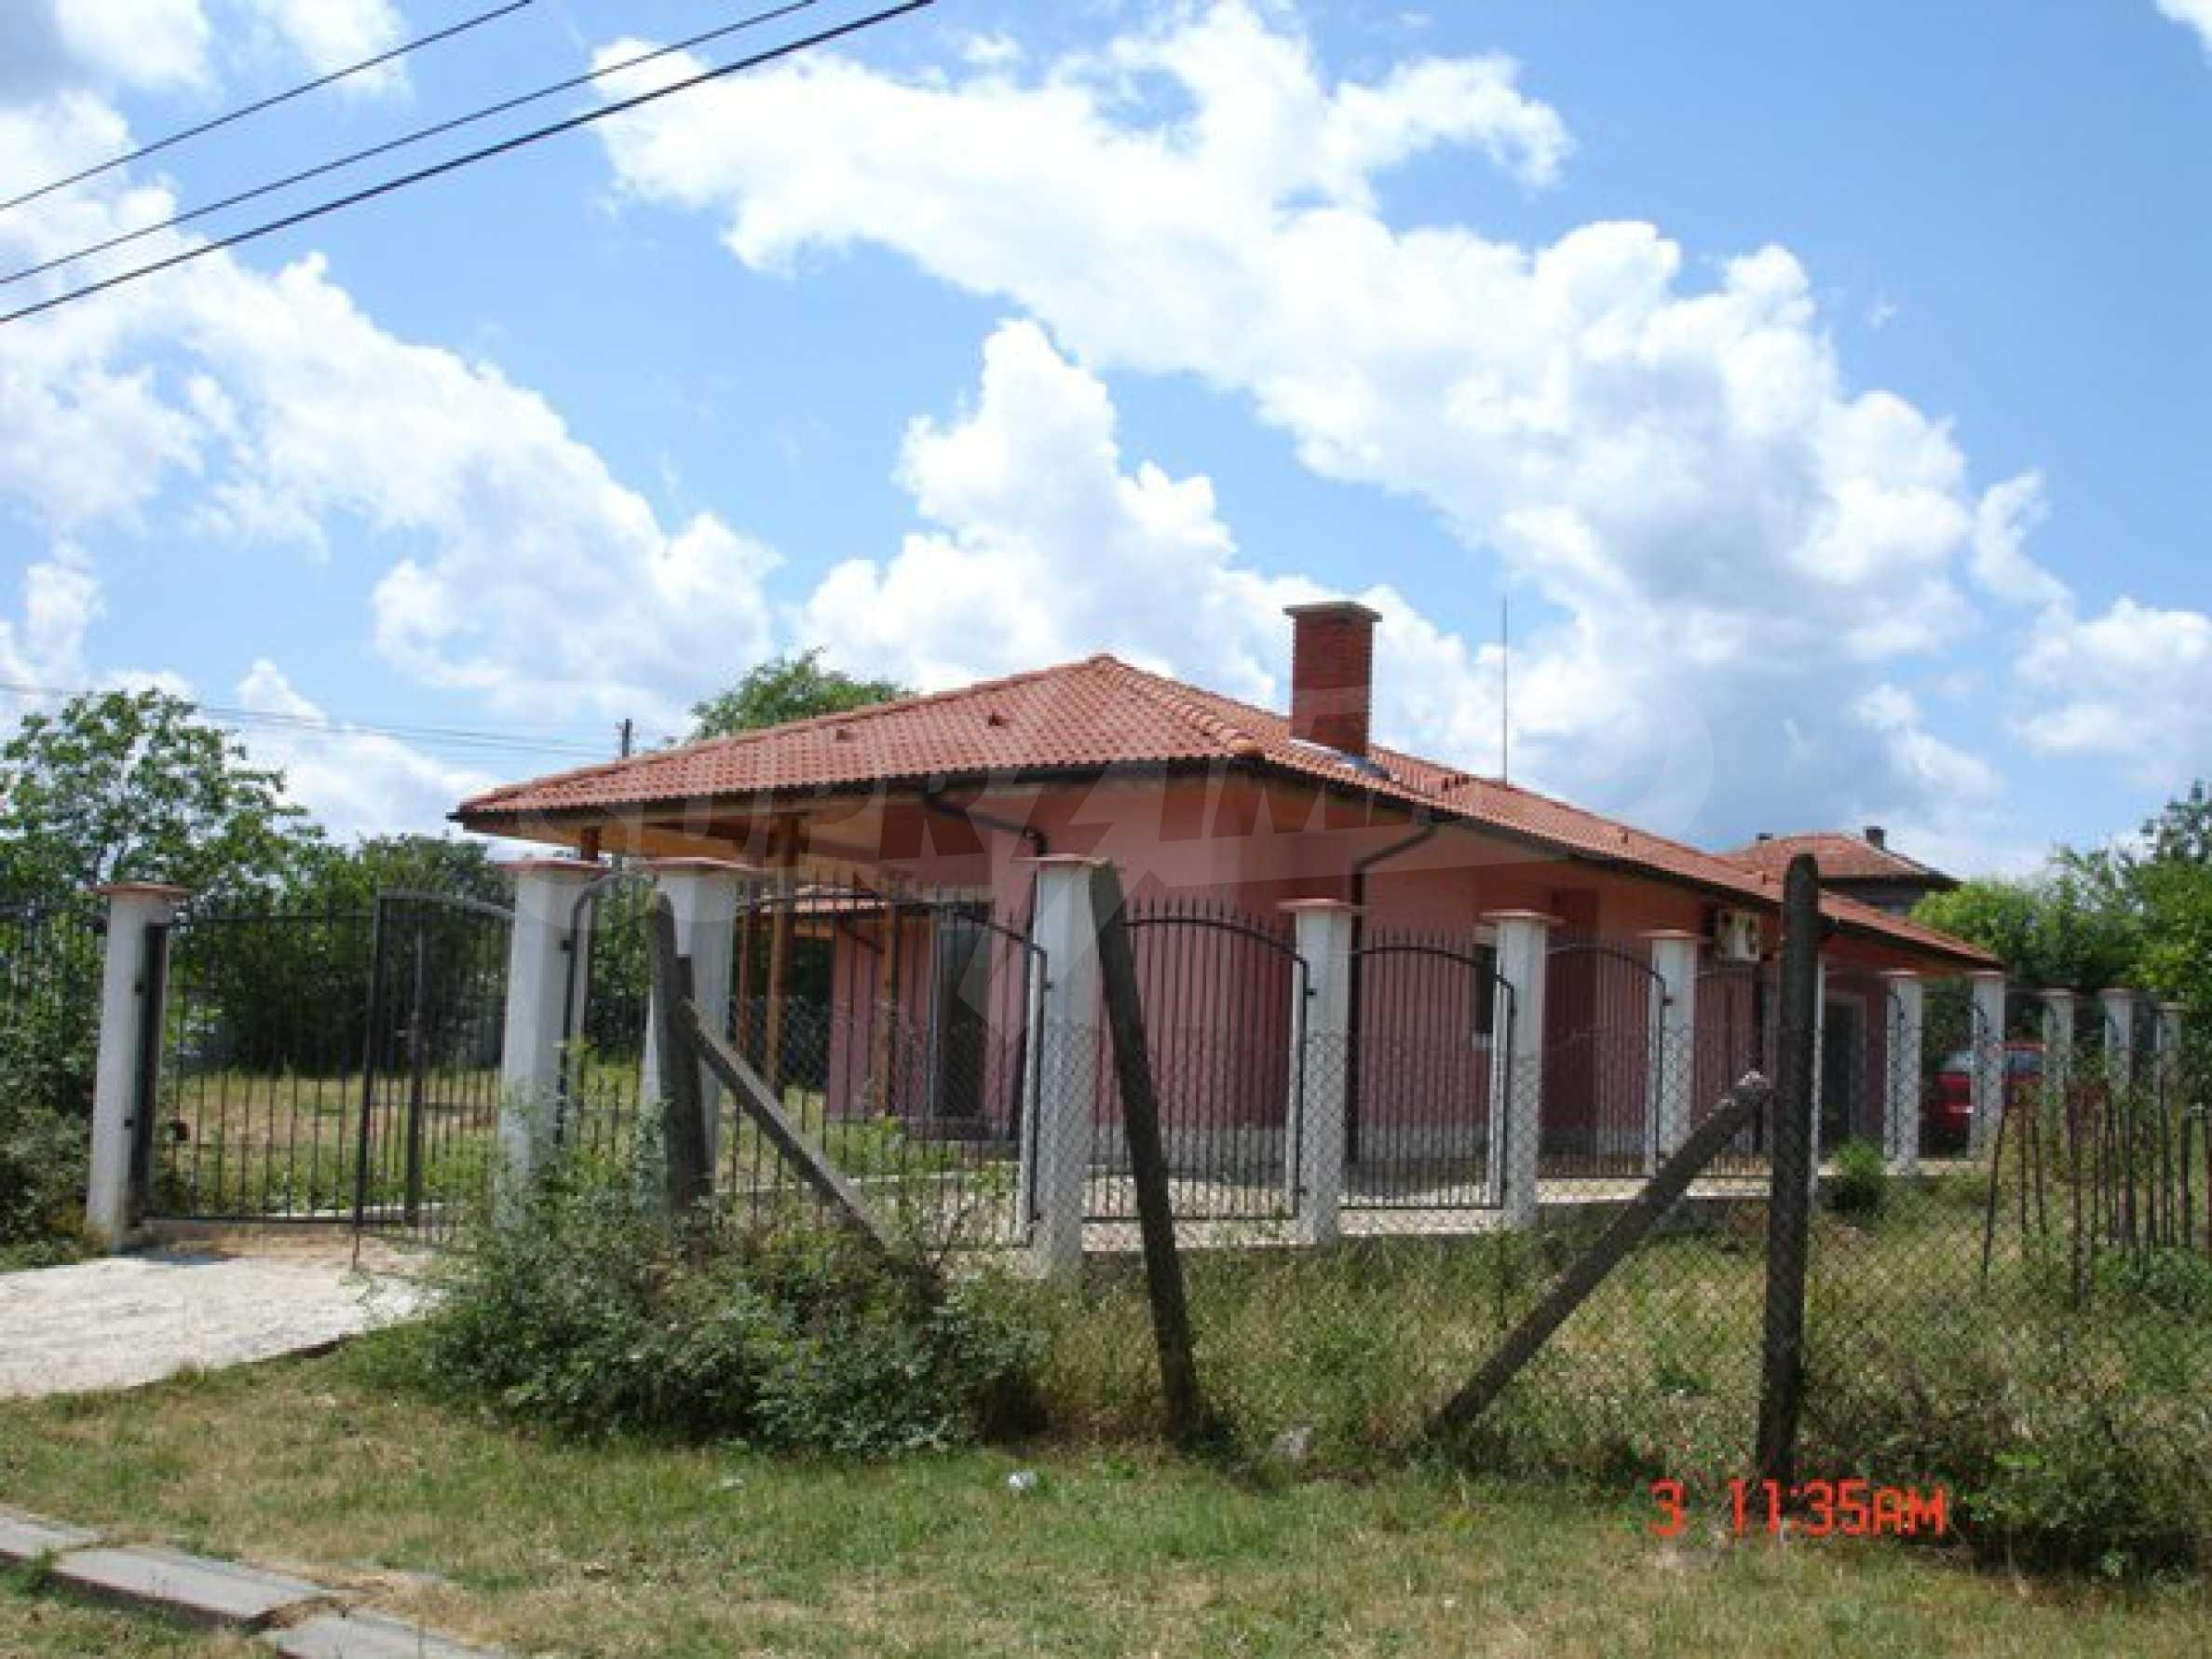 Neues Haus 1 km vom Meer entfernt 1